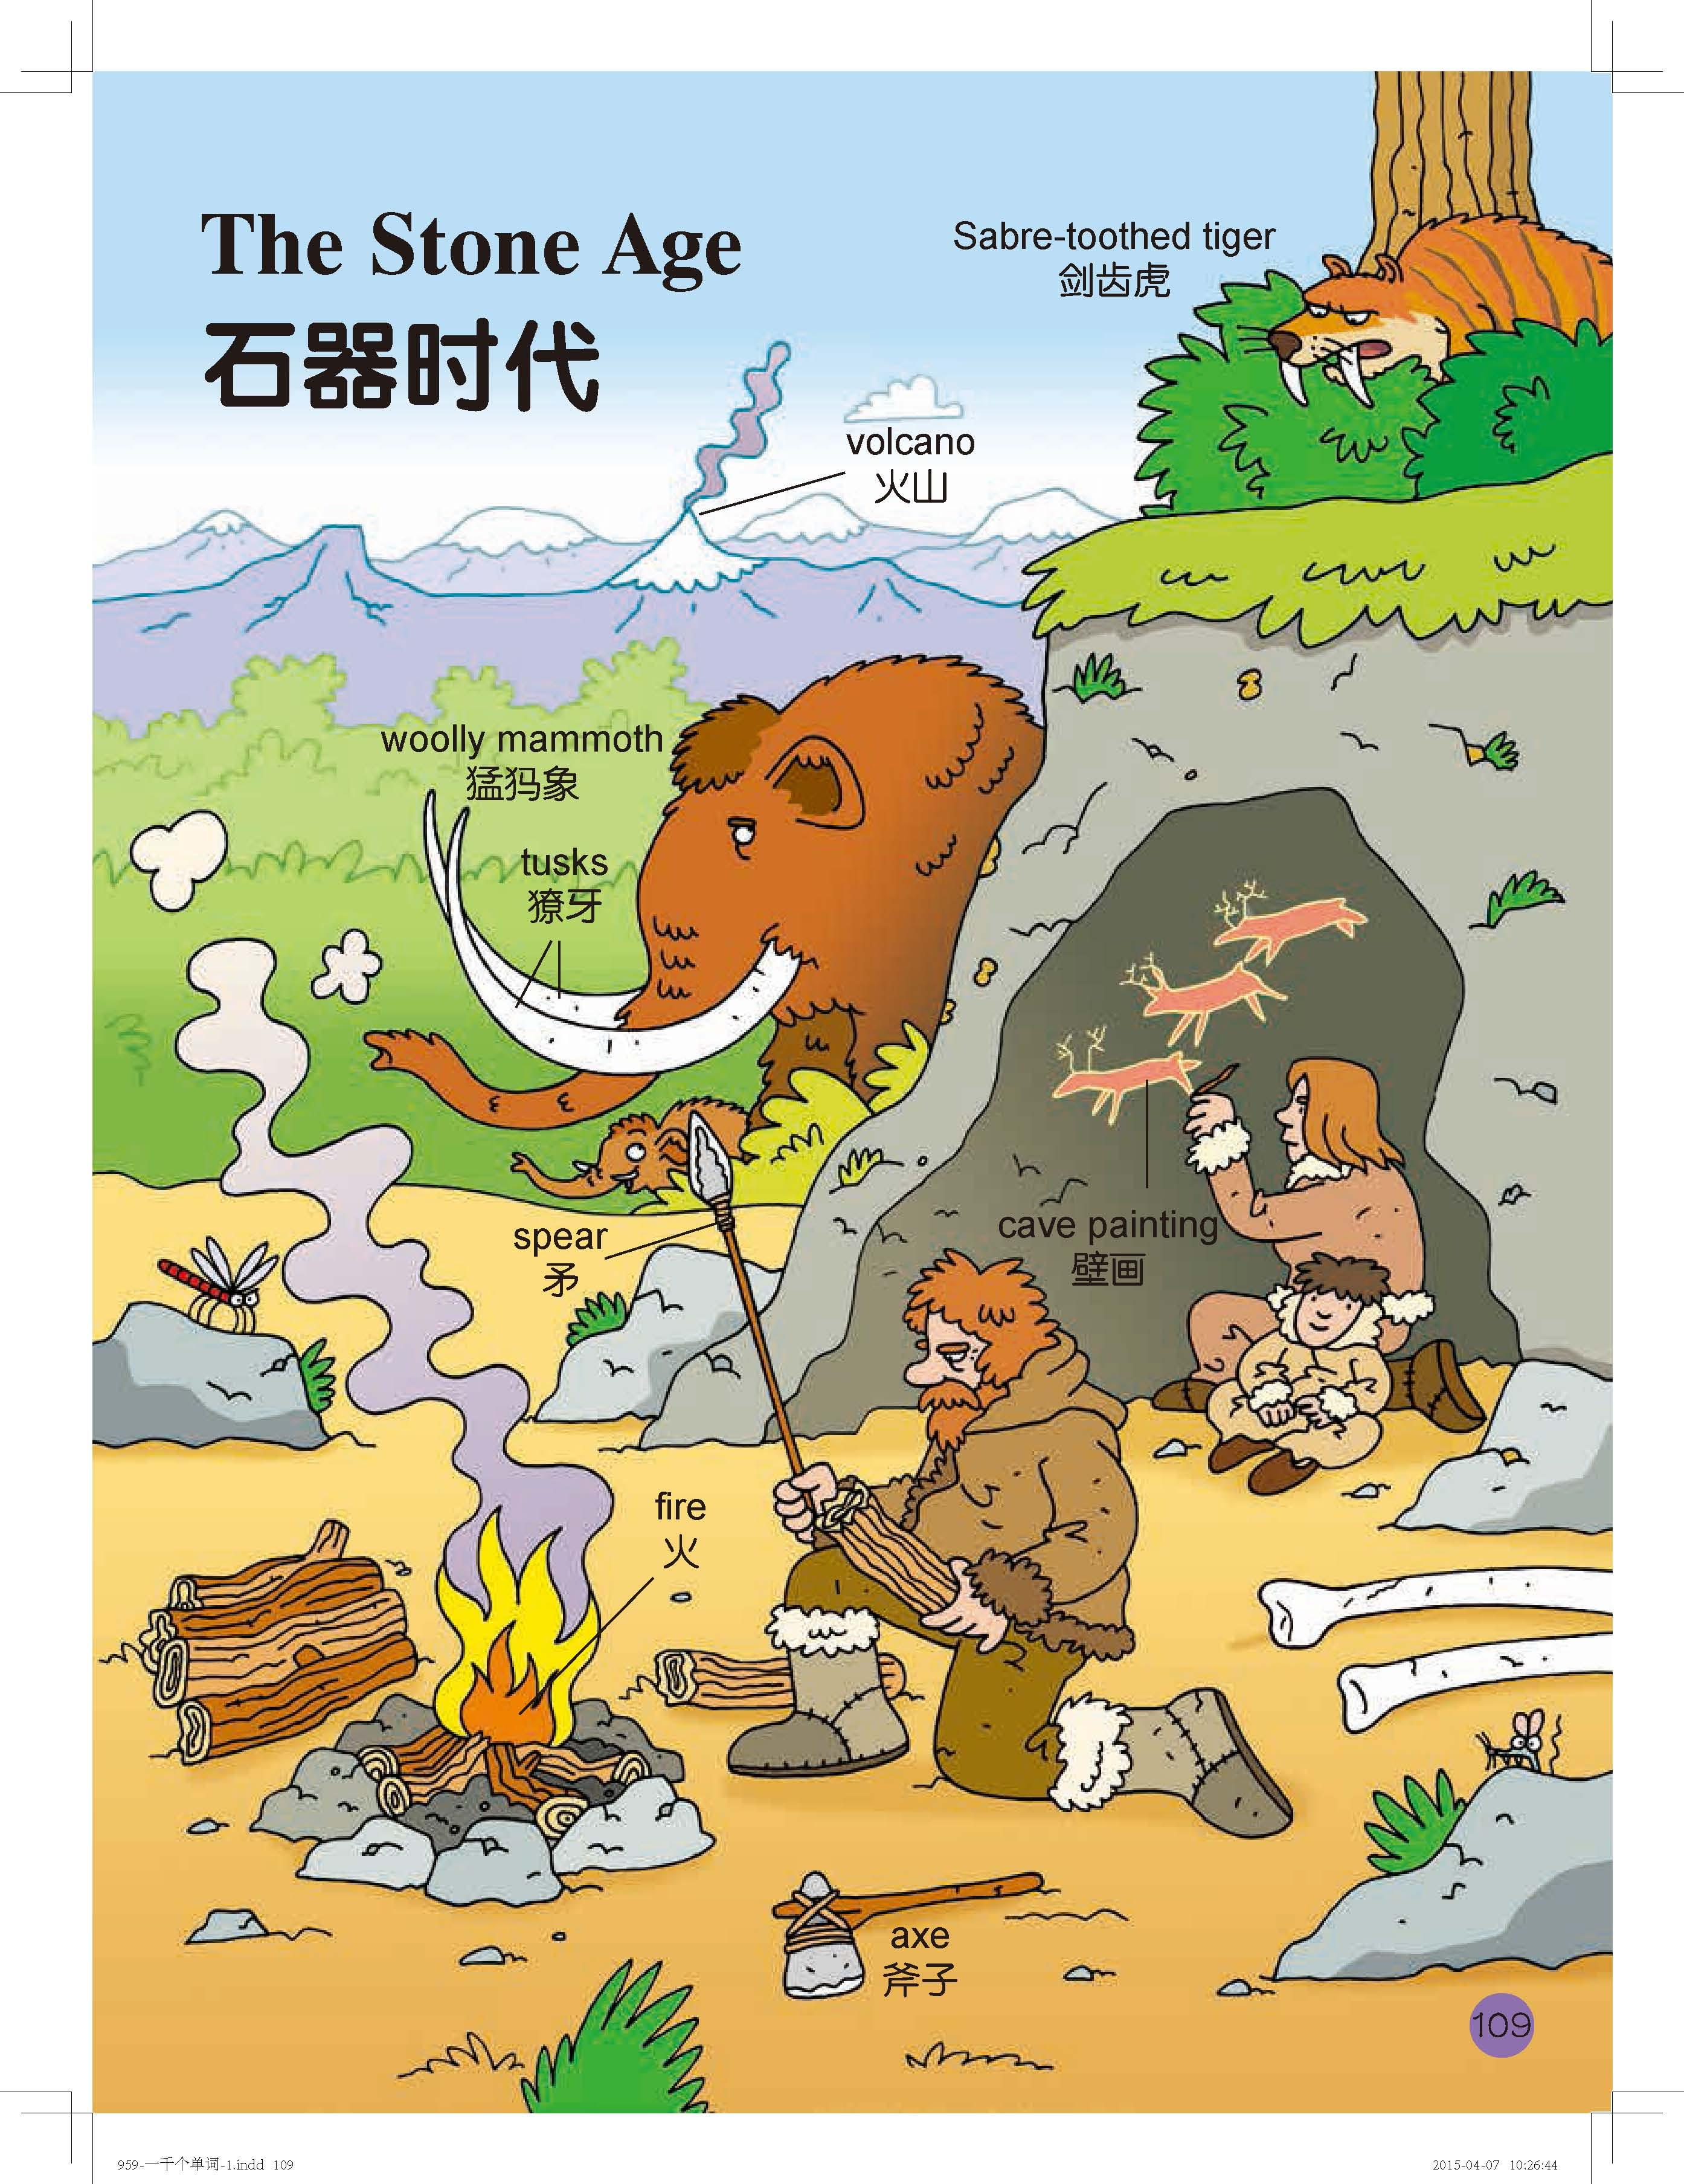 动漫 封面 卡通 漫画 头像 2788_3615 竖版 竖屏